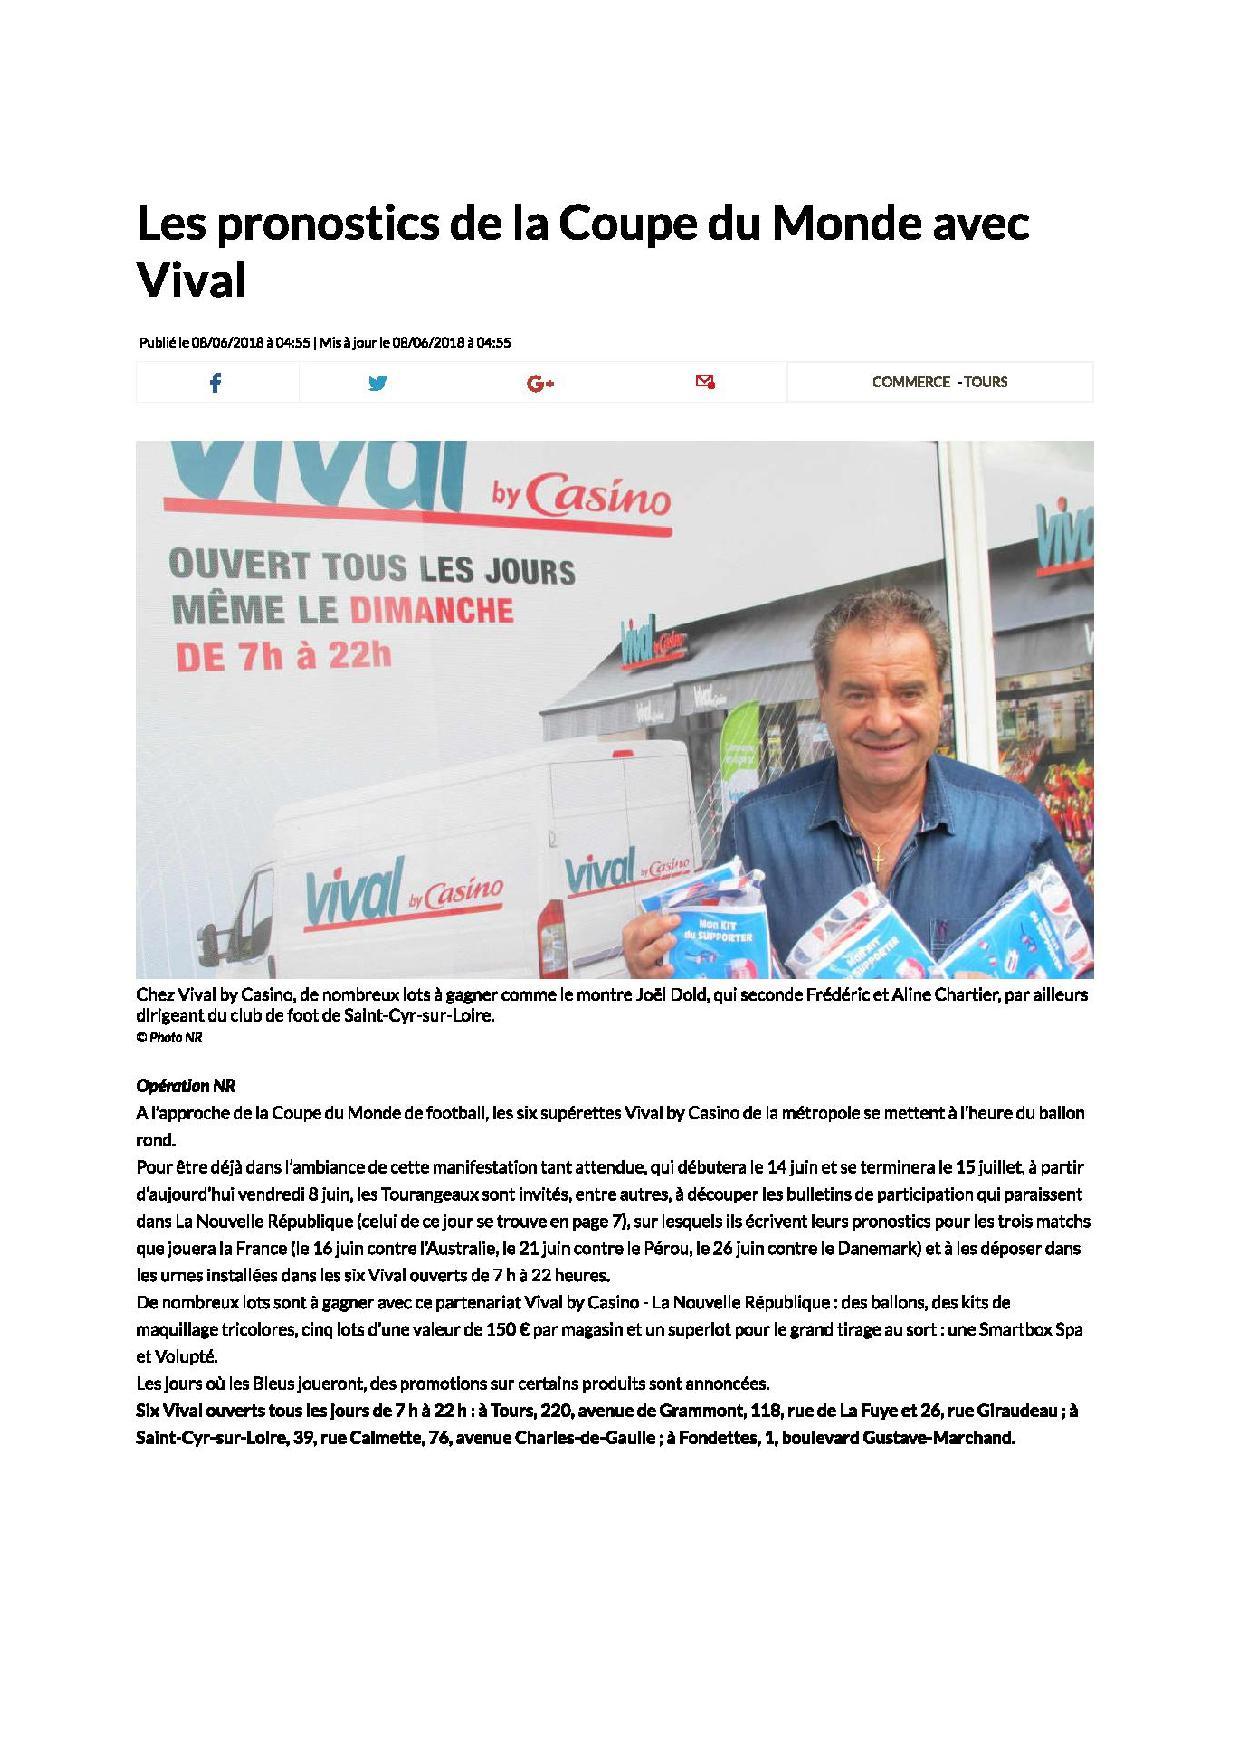 Les pronostics de la Coupe du Monde avec Vival.jpg